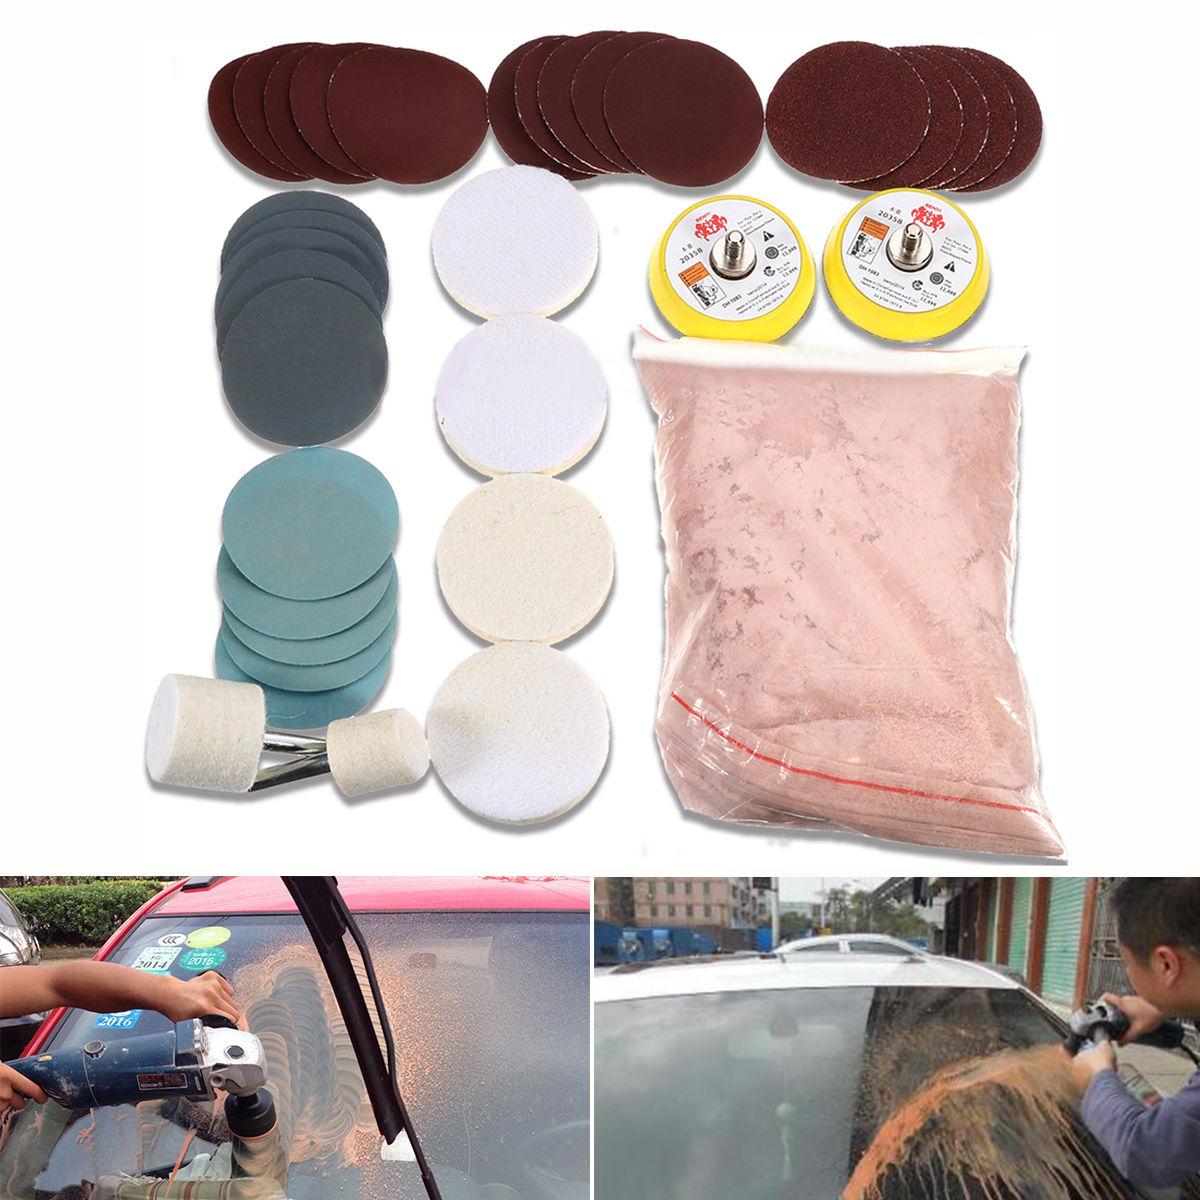 цена на 34Pcs Deep Scratch Remove Glass Polishing Kit 8Oz Cerium Oxide Sanding Disc Wool Polishing Pads Felt Polishing Wheel DIY Tools